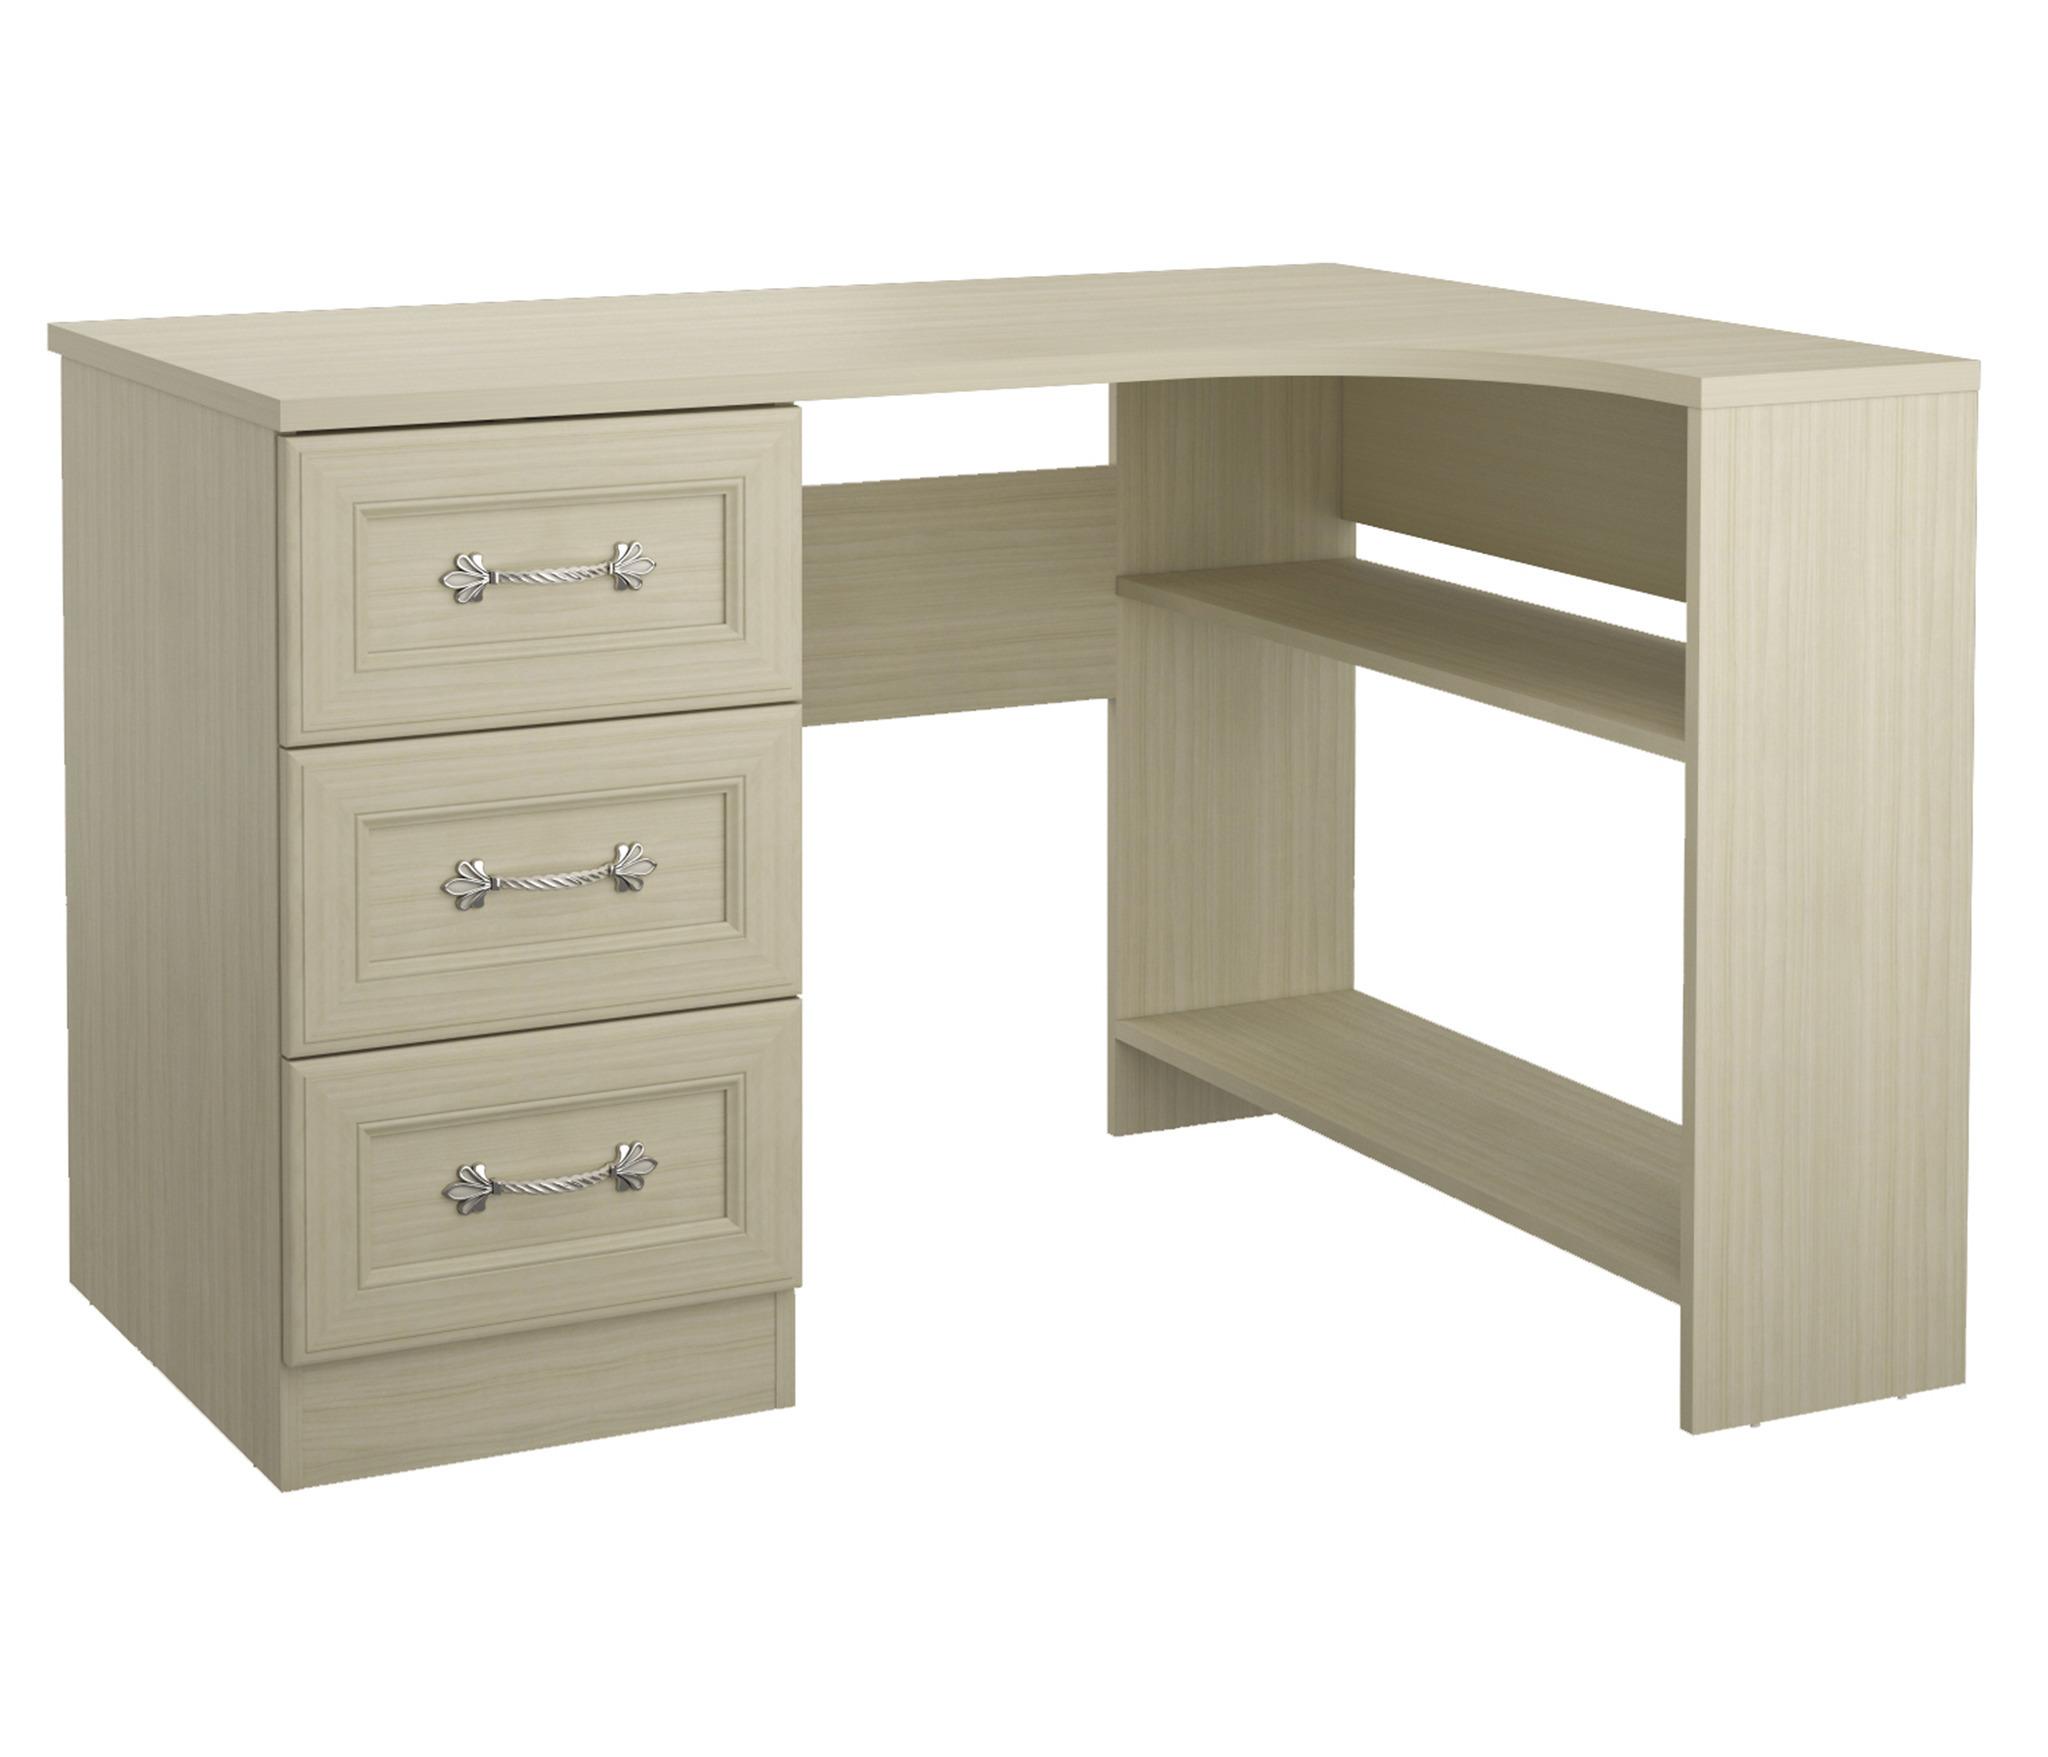 Дженни СТЛ.127.11 Стол угловой правый 3 ящикамиПисьменные столы<br><br><br>Длина мм: 1200<br>Высота мм: 770<br>Глубина мм: 896